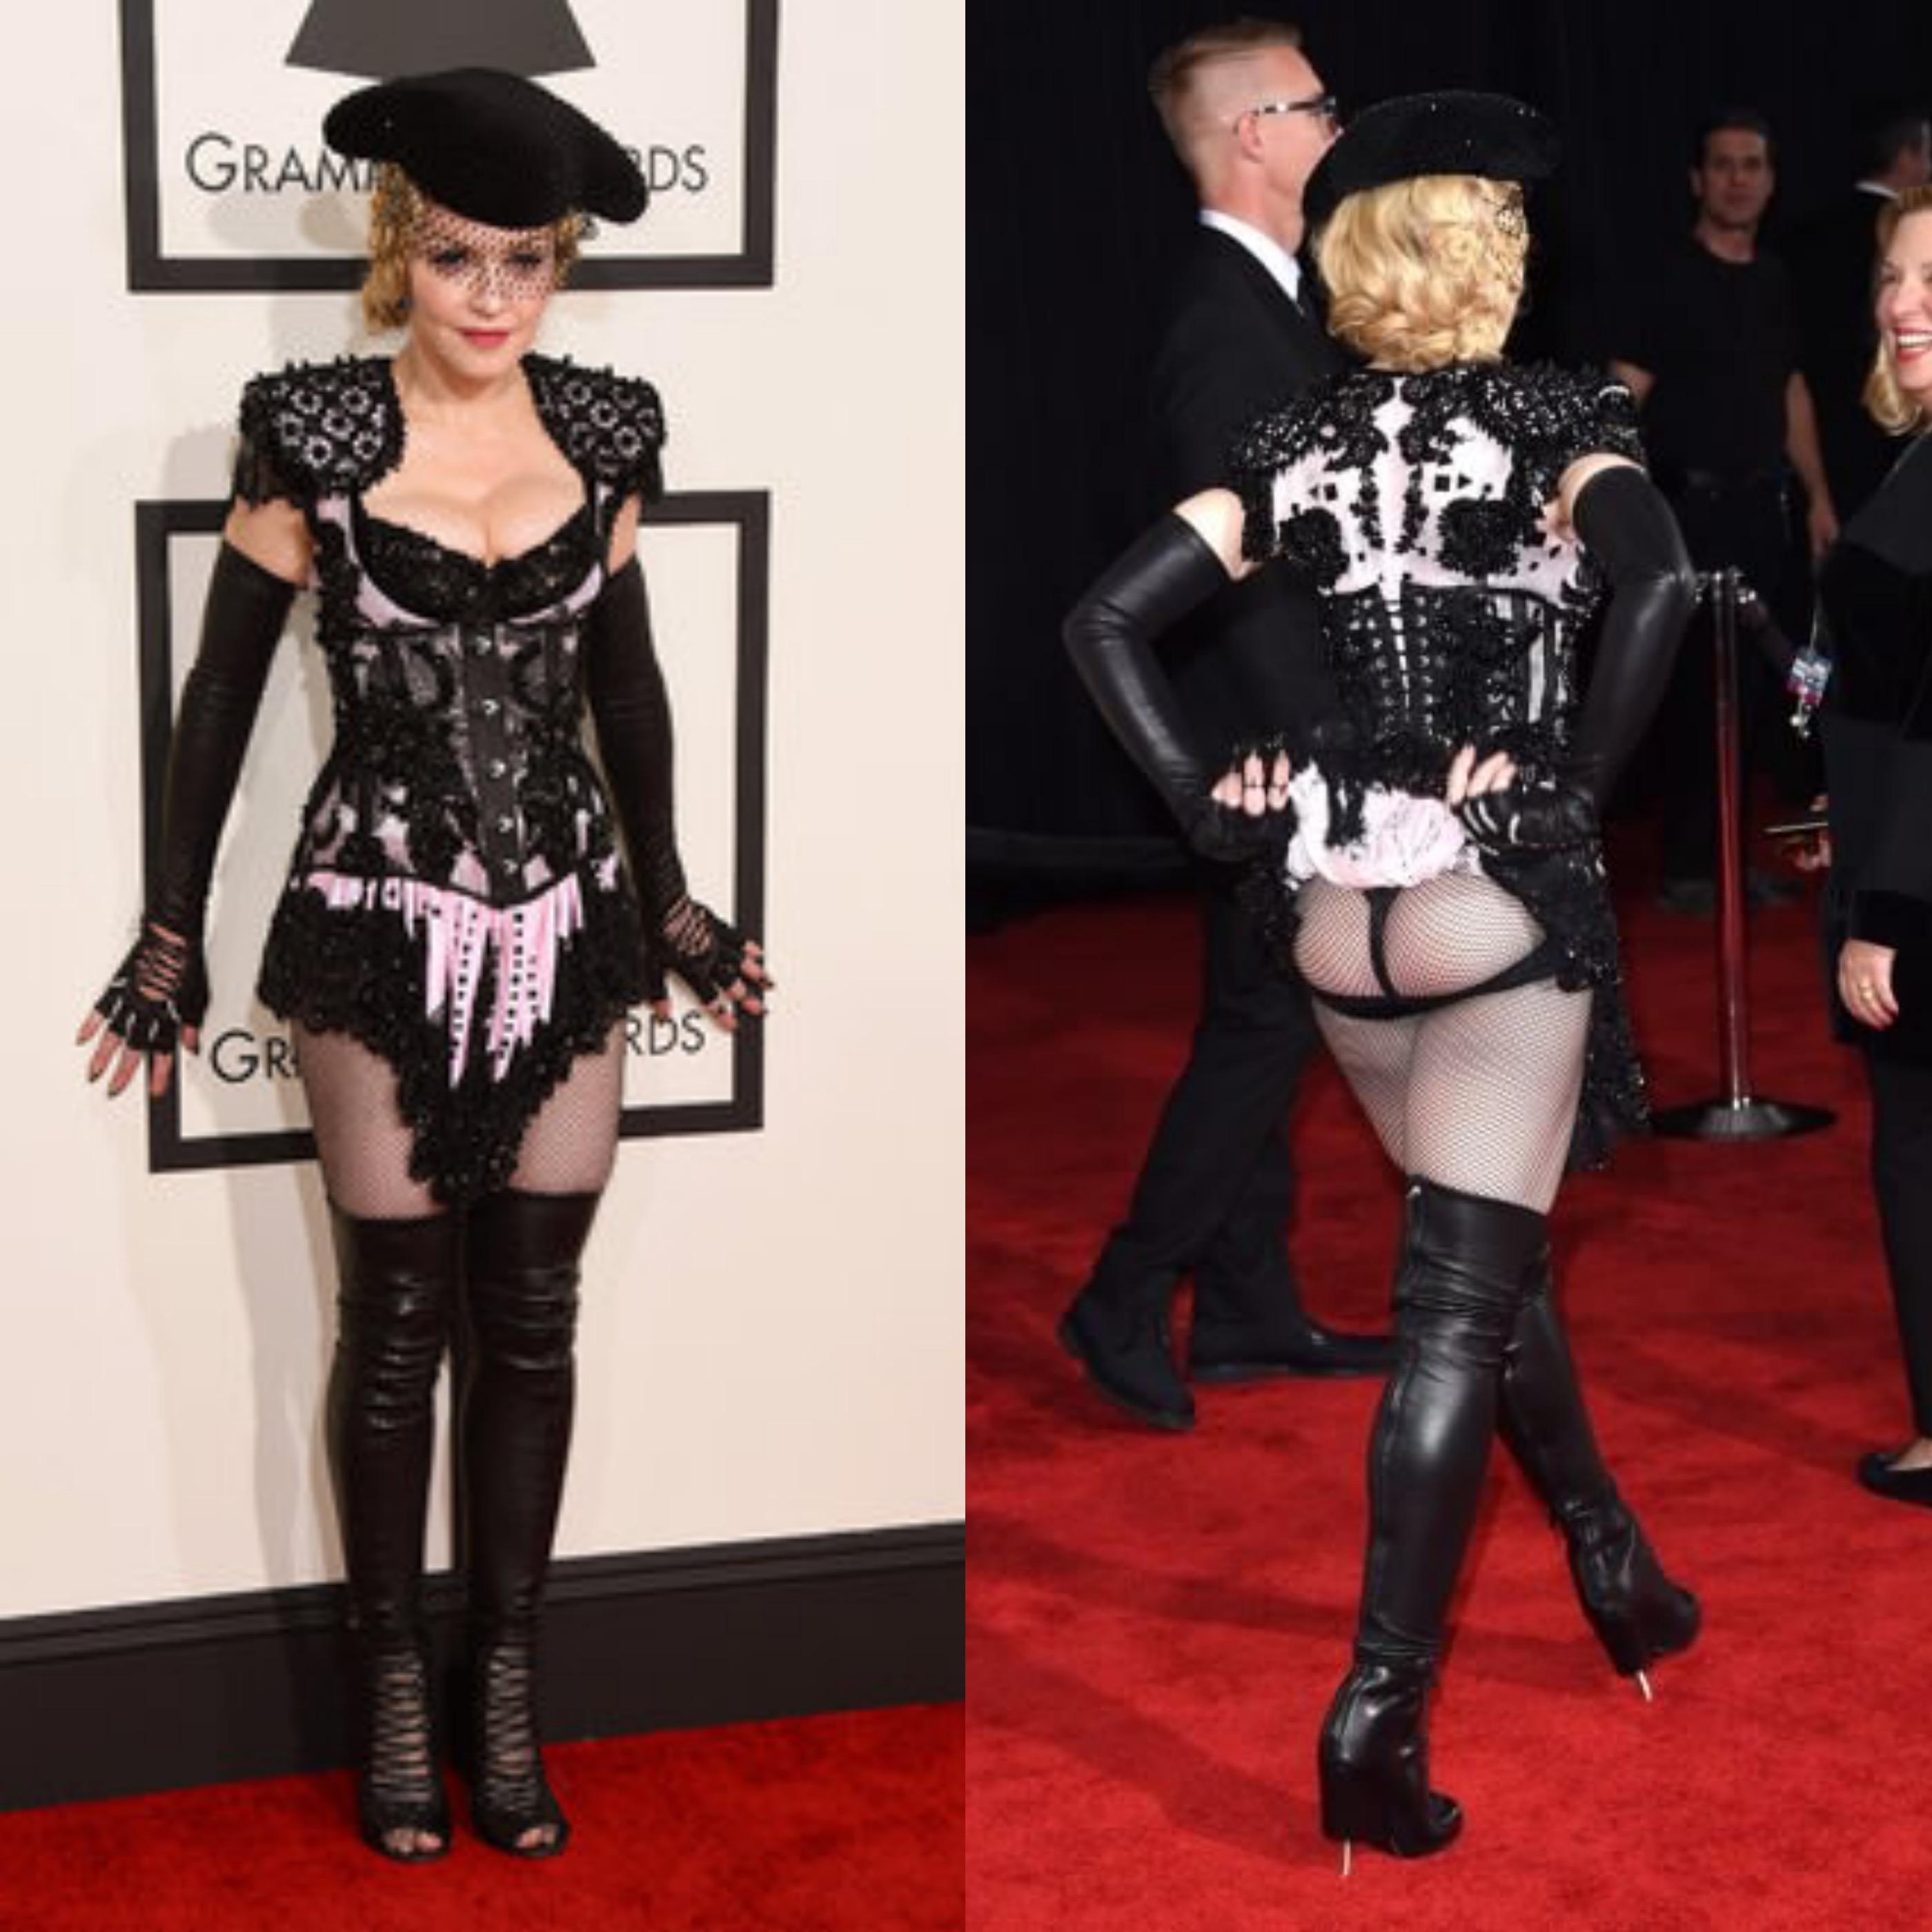 Grammy Awards, Madonna mostra il perizoma per provocazione